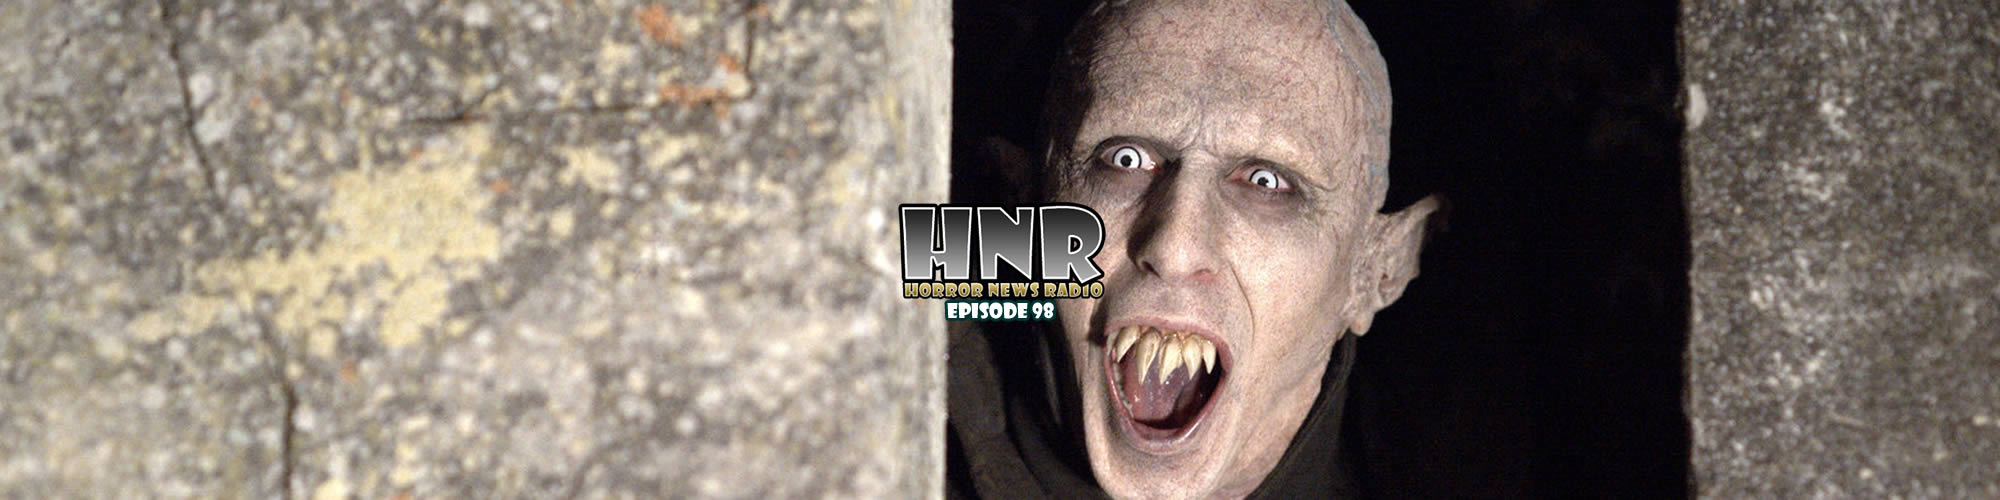 HNRSiteBanner98